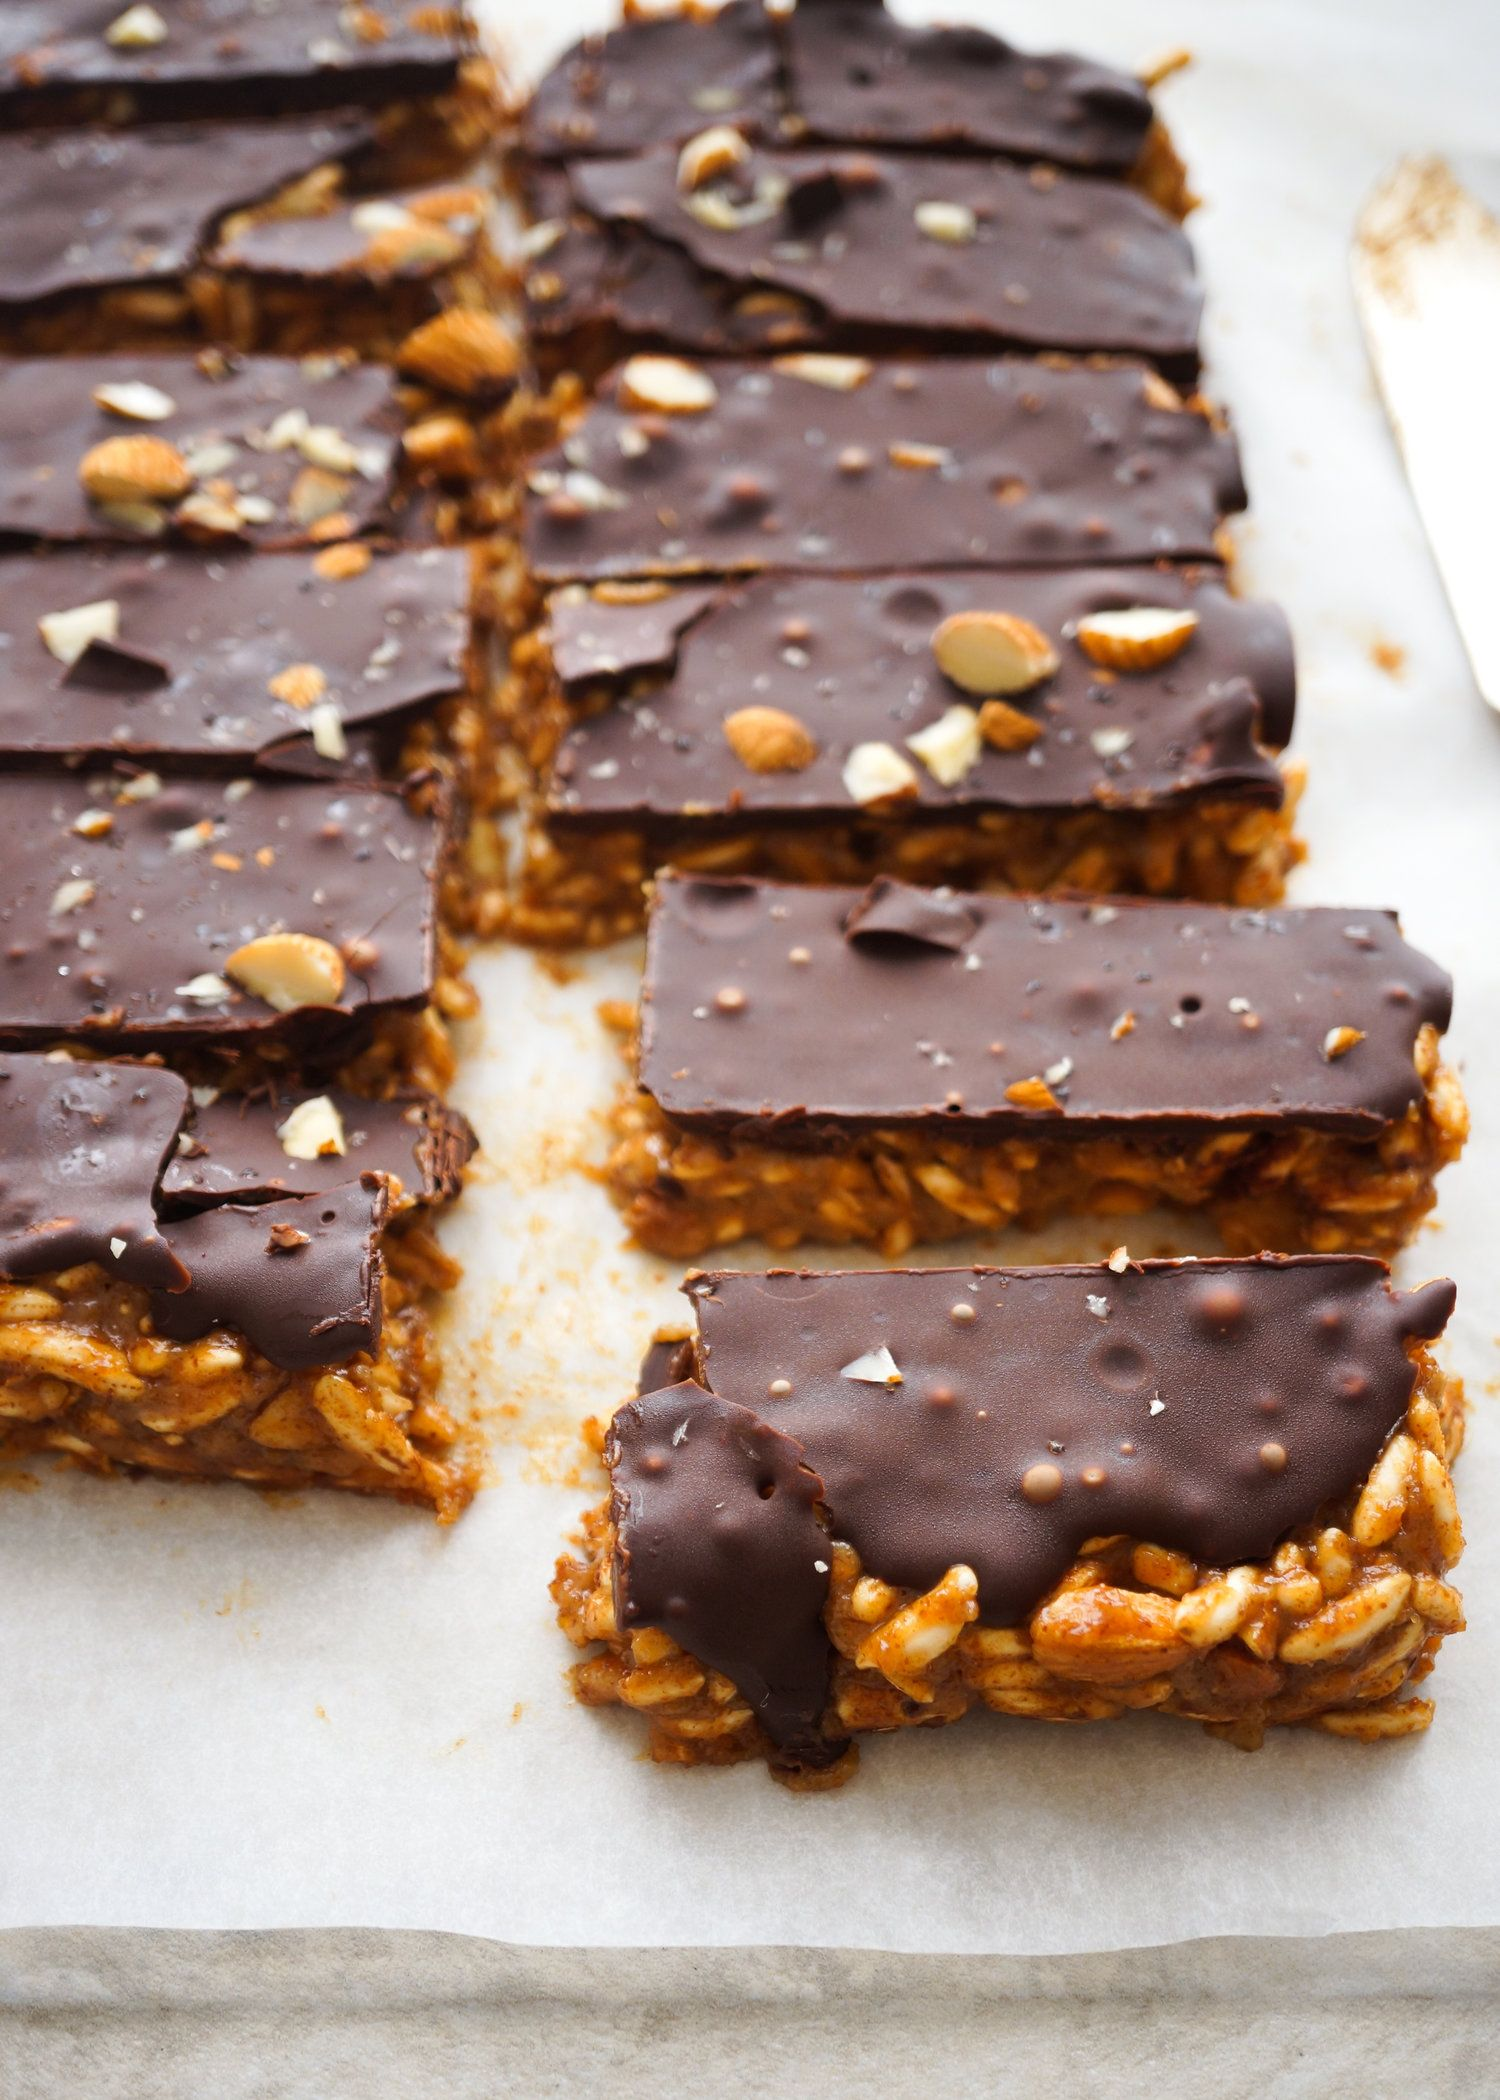 Mar 30 Almond butter caramel puffed rice bars | Dessert ...